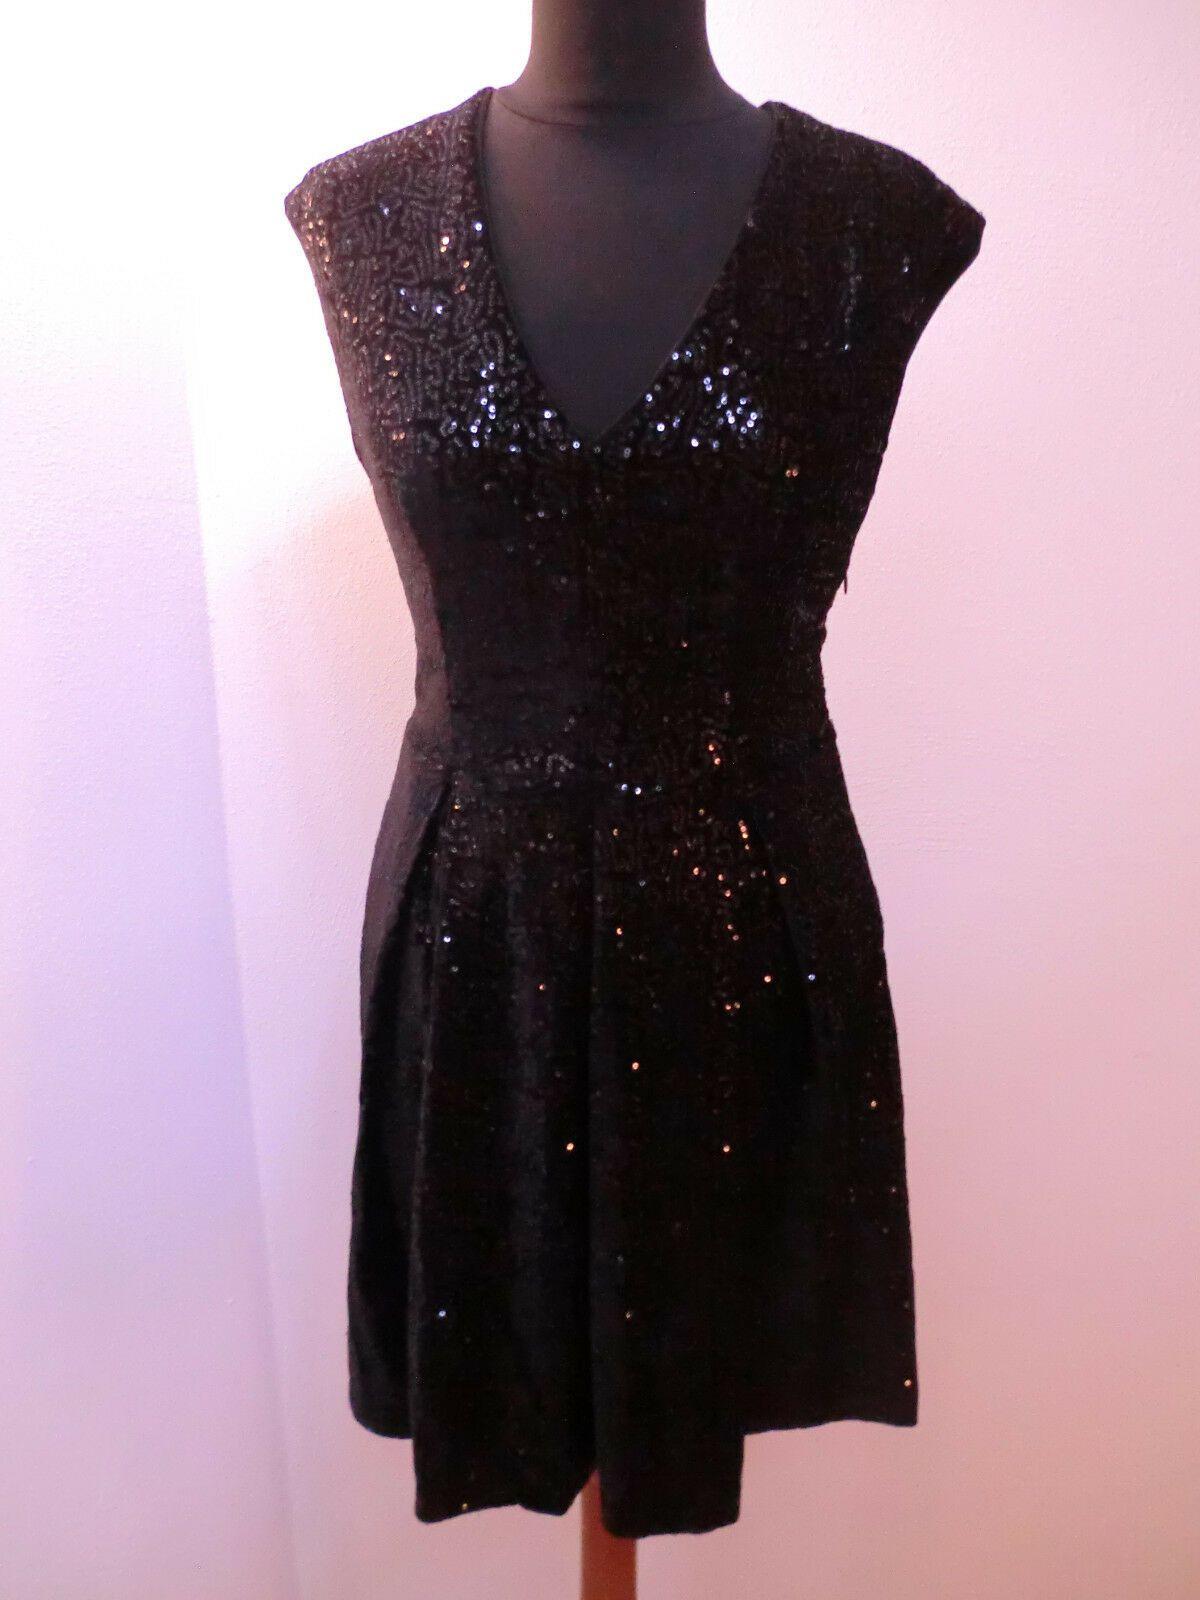 Elegant Schwarzes Kleid Größe 50 für 201913 Schön Schwarzes Kleid Größe 50 für 2019